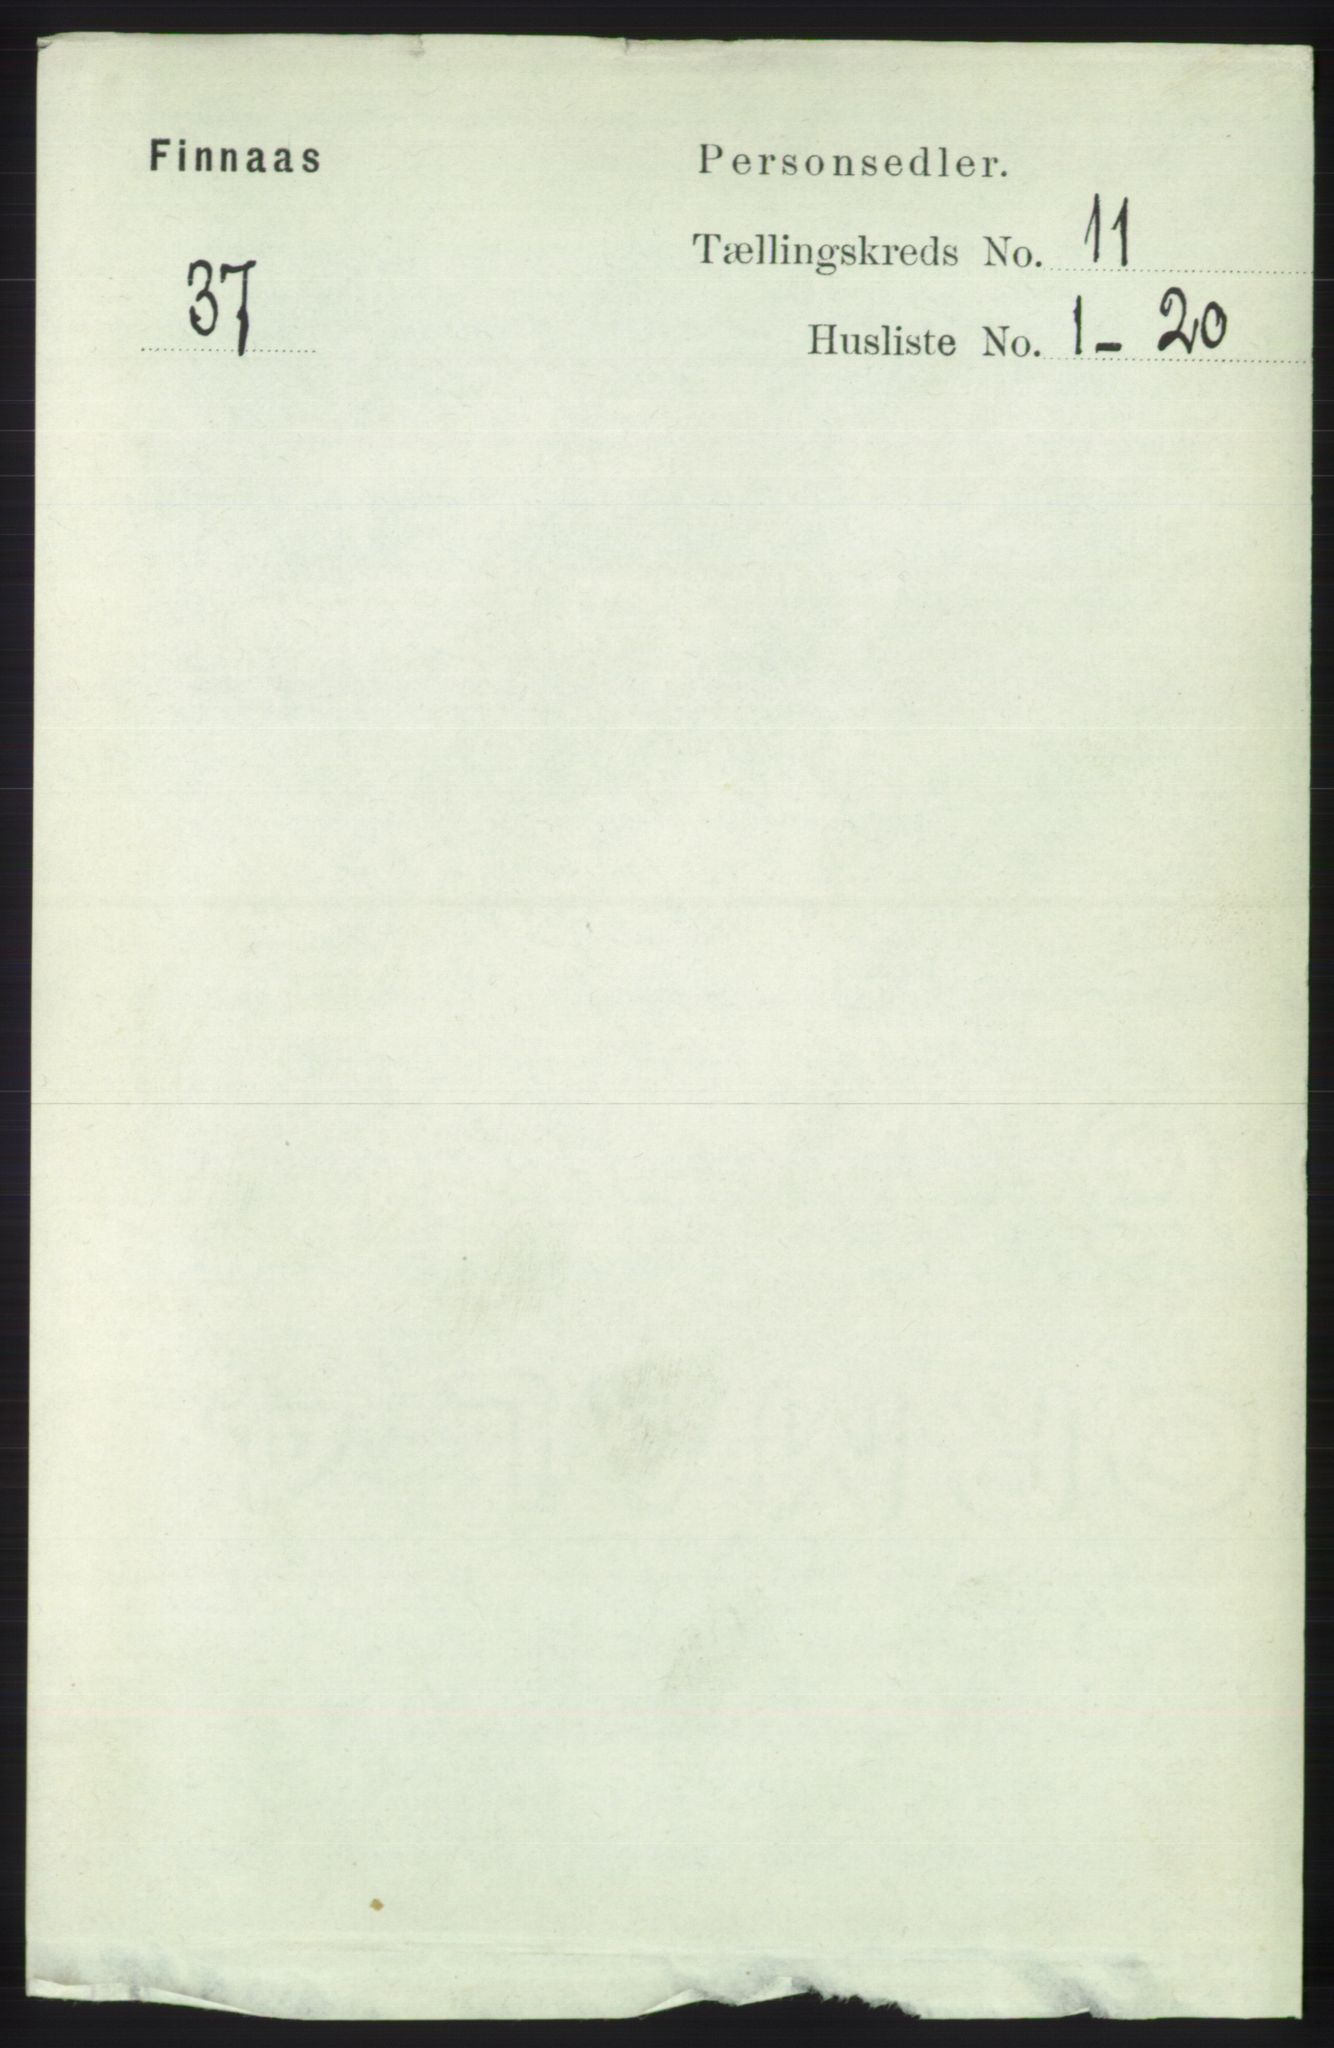 RA, Folketelling 1891 for 1218 Finnås herred, 1891, s. 5123